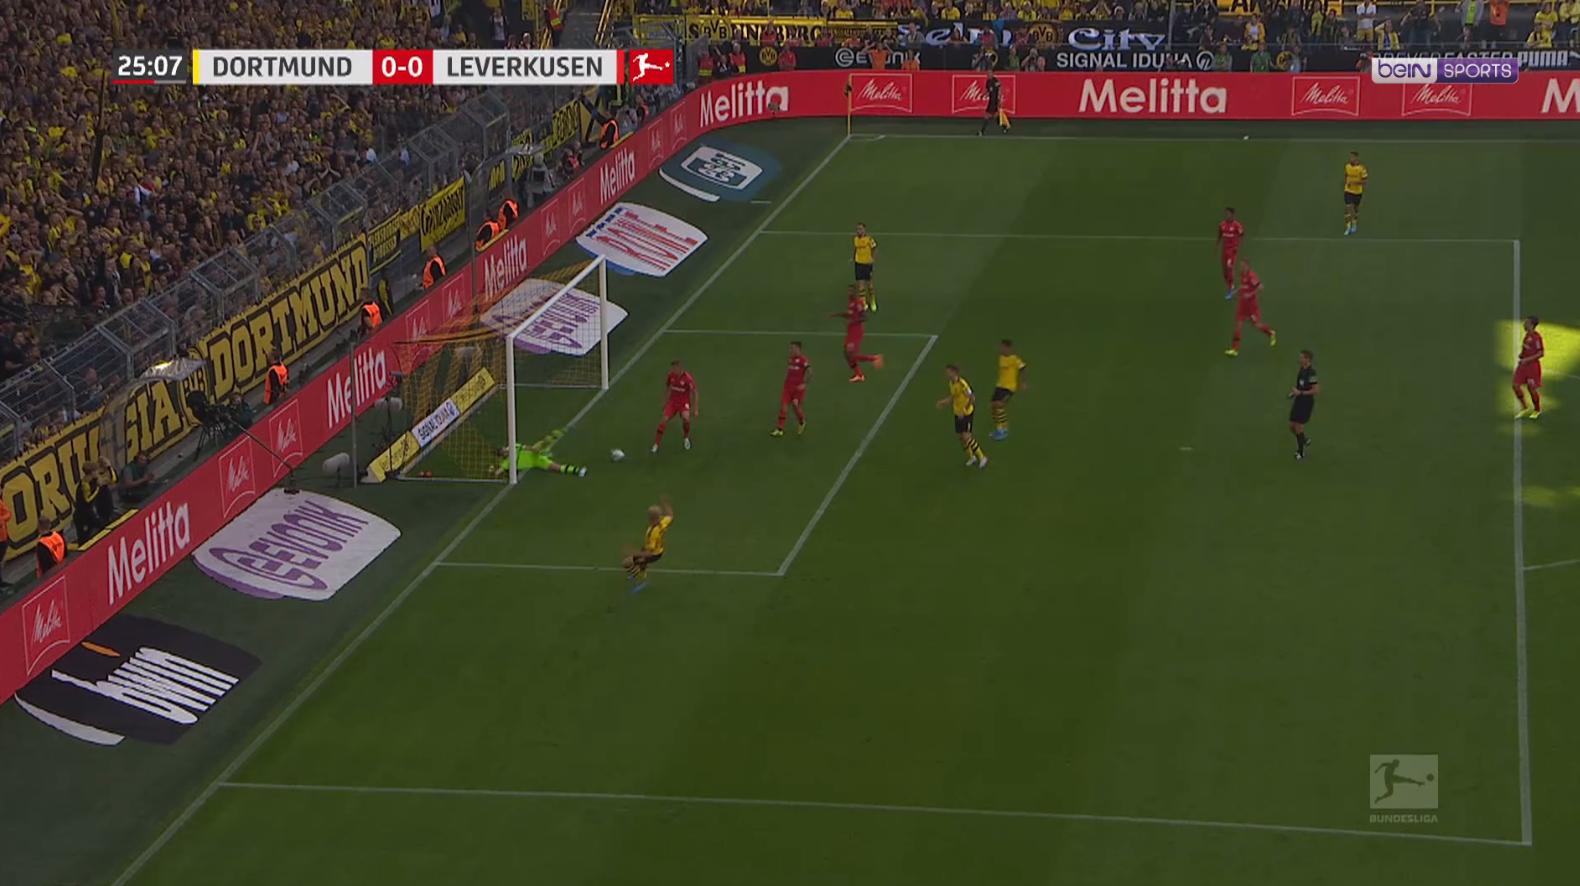 Bayer Leverkusen : Le double arrêt de folie signé Hradecky !